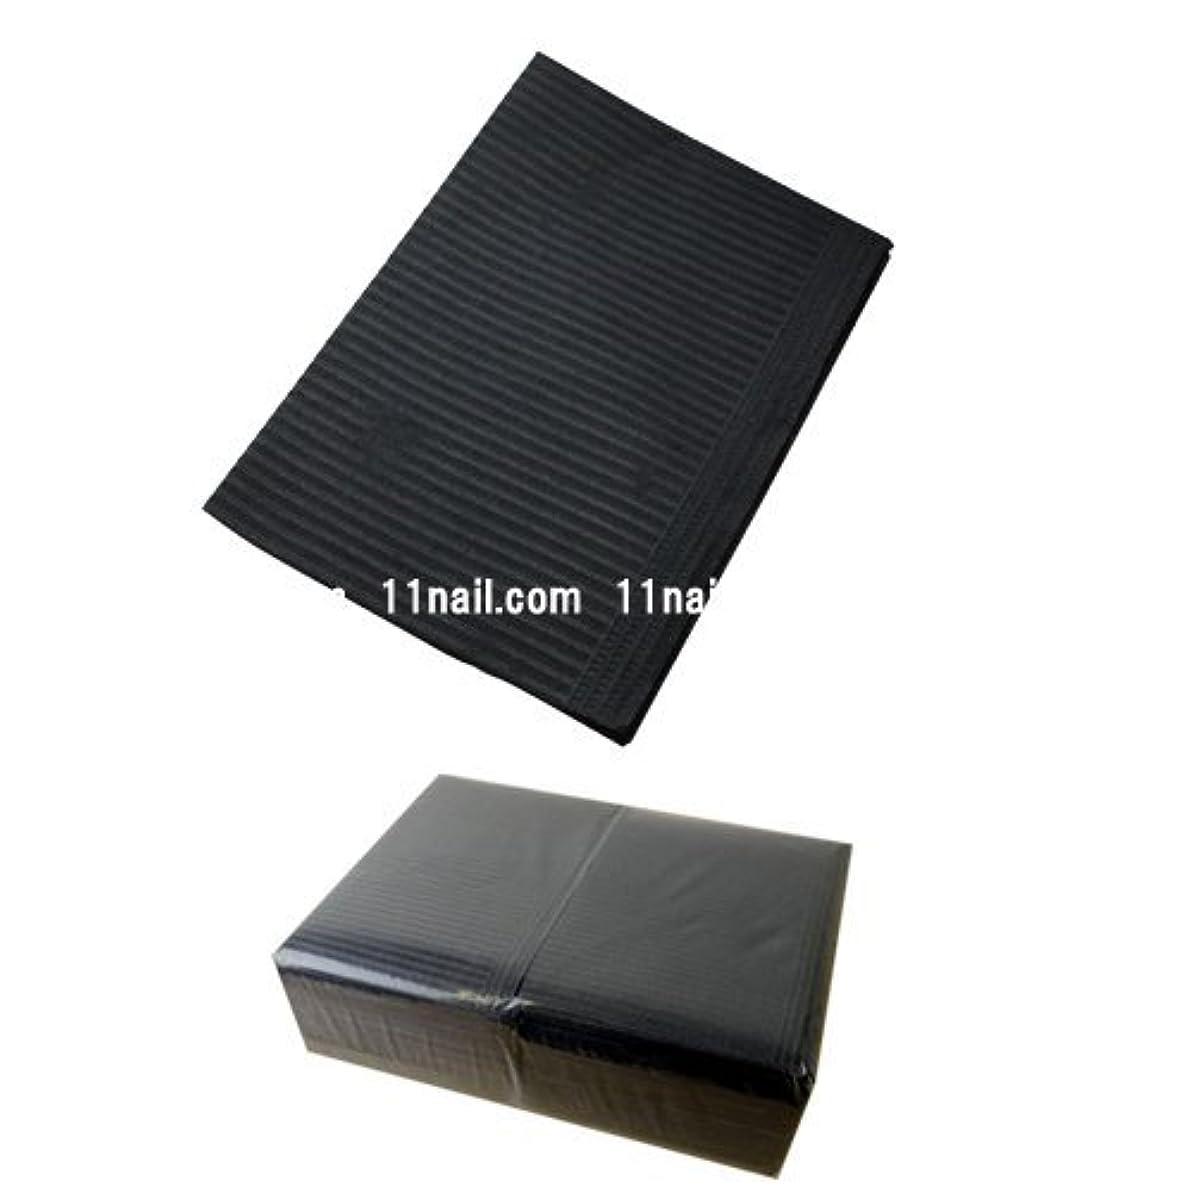 順応性埋める直立ネイル 防水ペーパー/裏面防水ネイルシート 50枚 ブラック